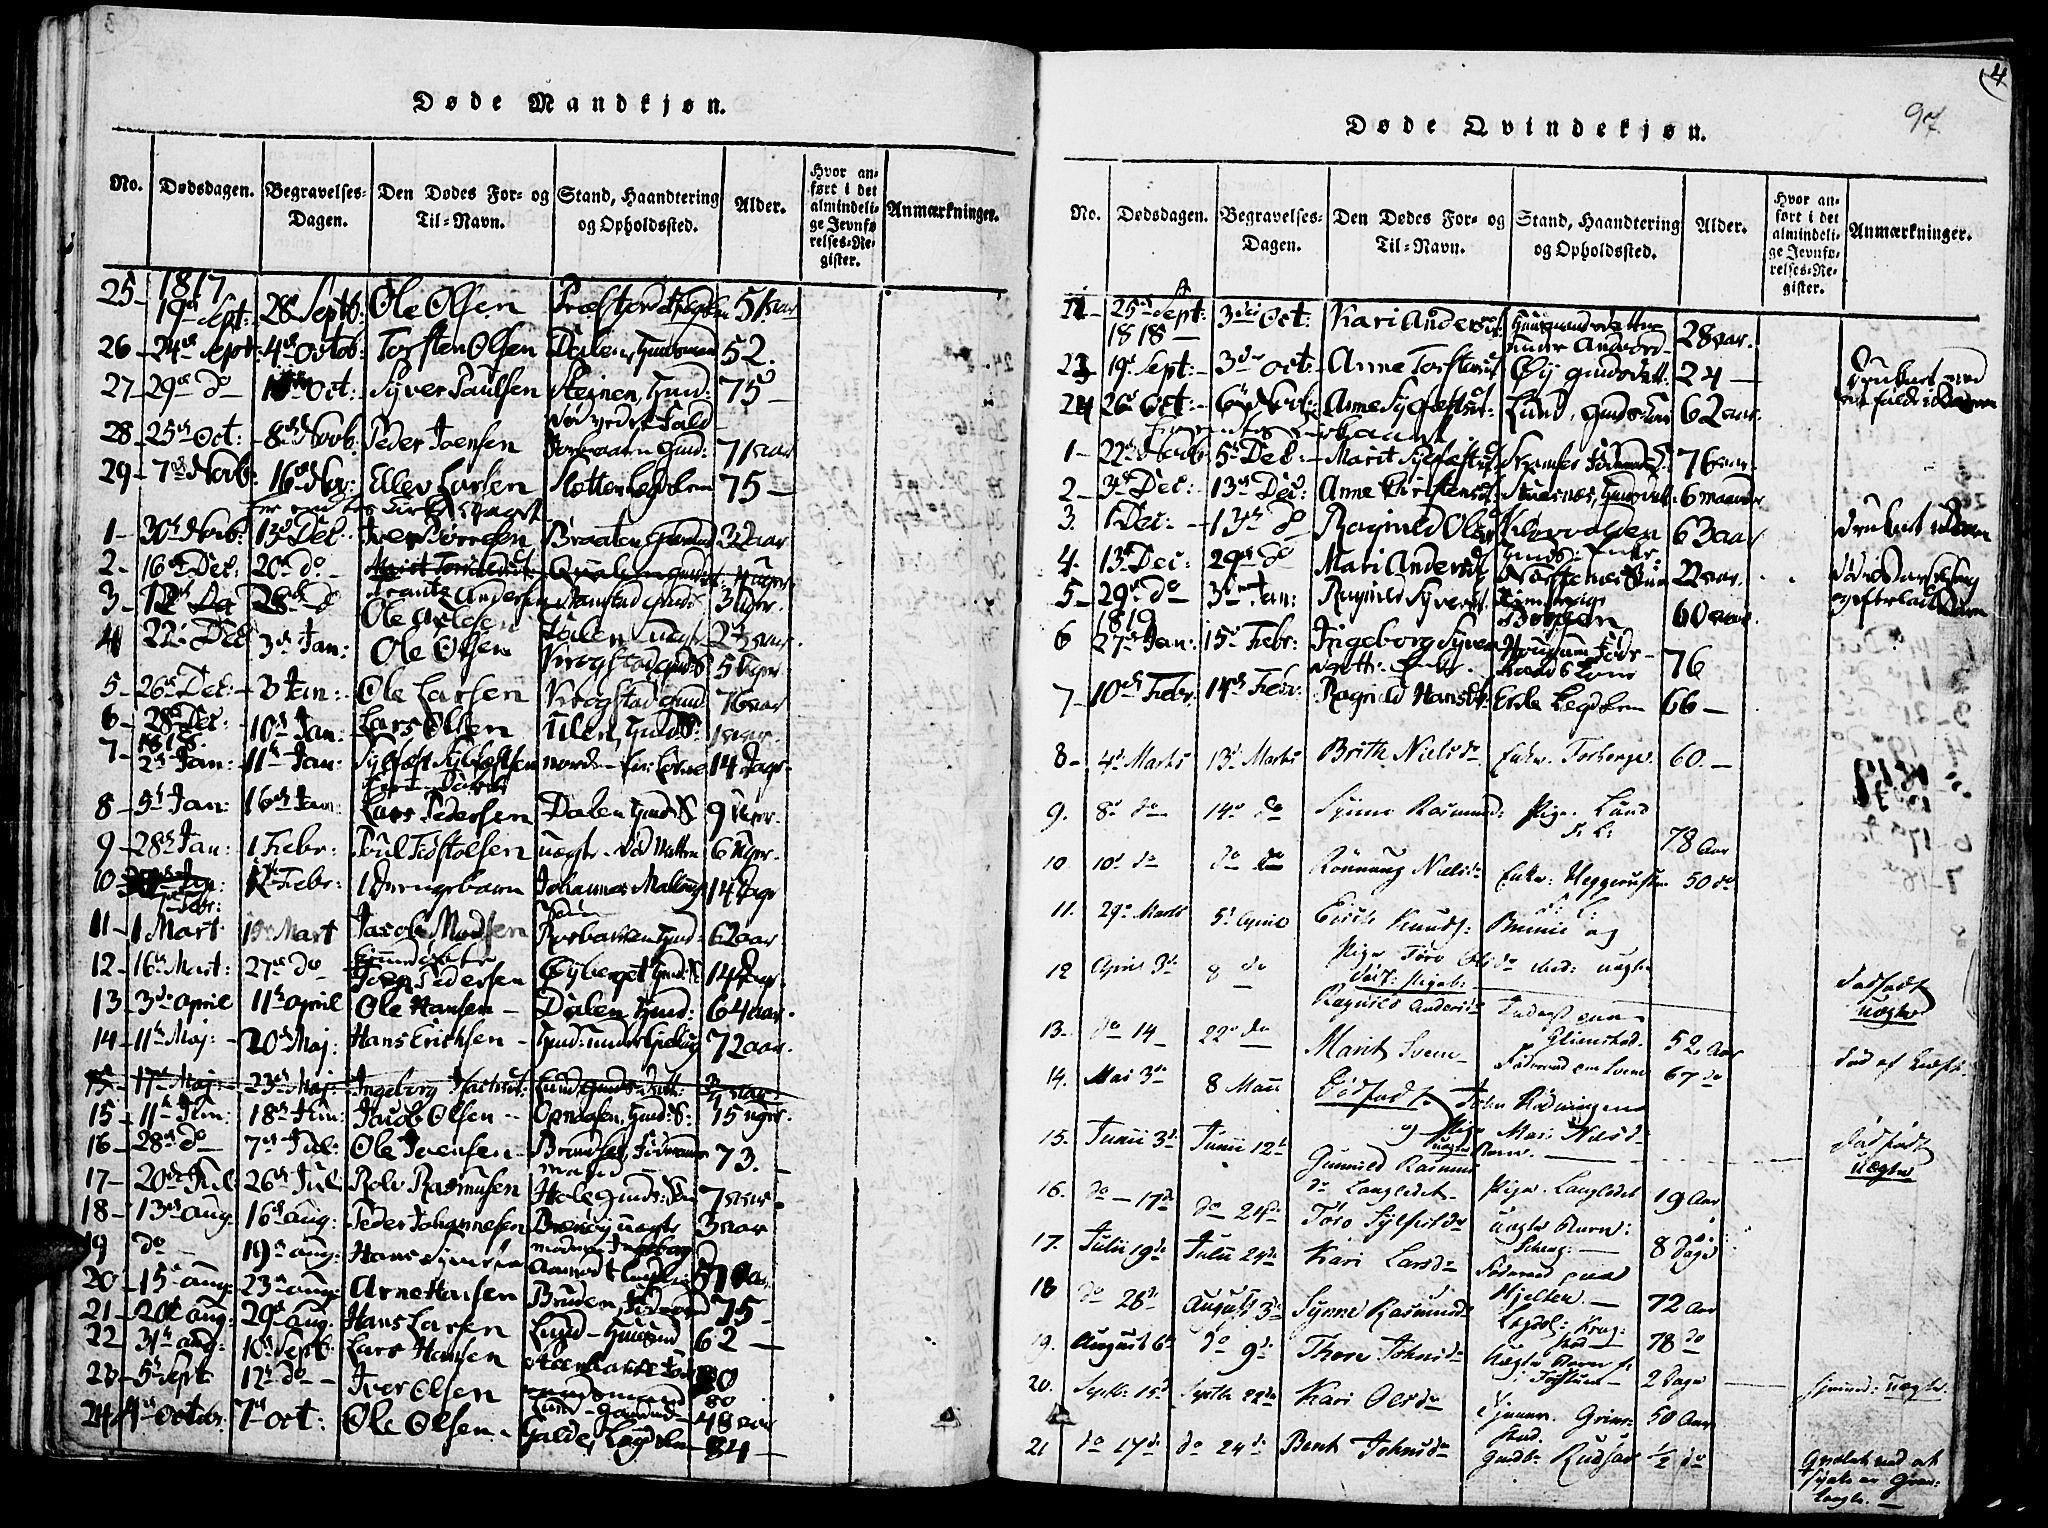 SAH, Lom prestekontor, K/L0004: Ministerialbok nr. 4, 1815-1825, s. 97